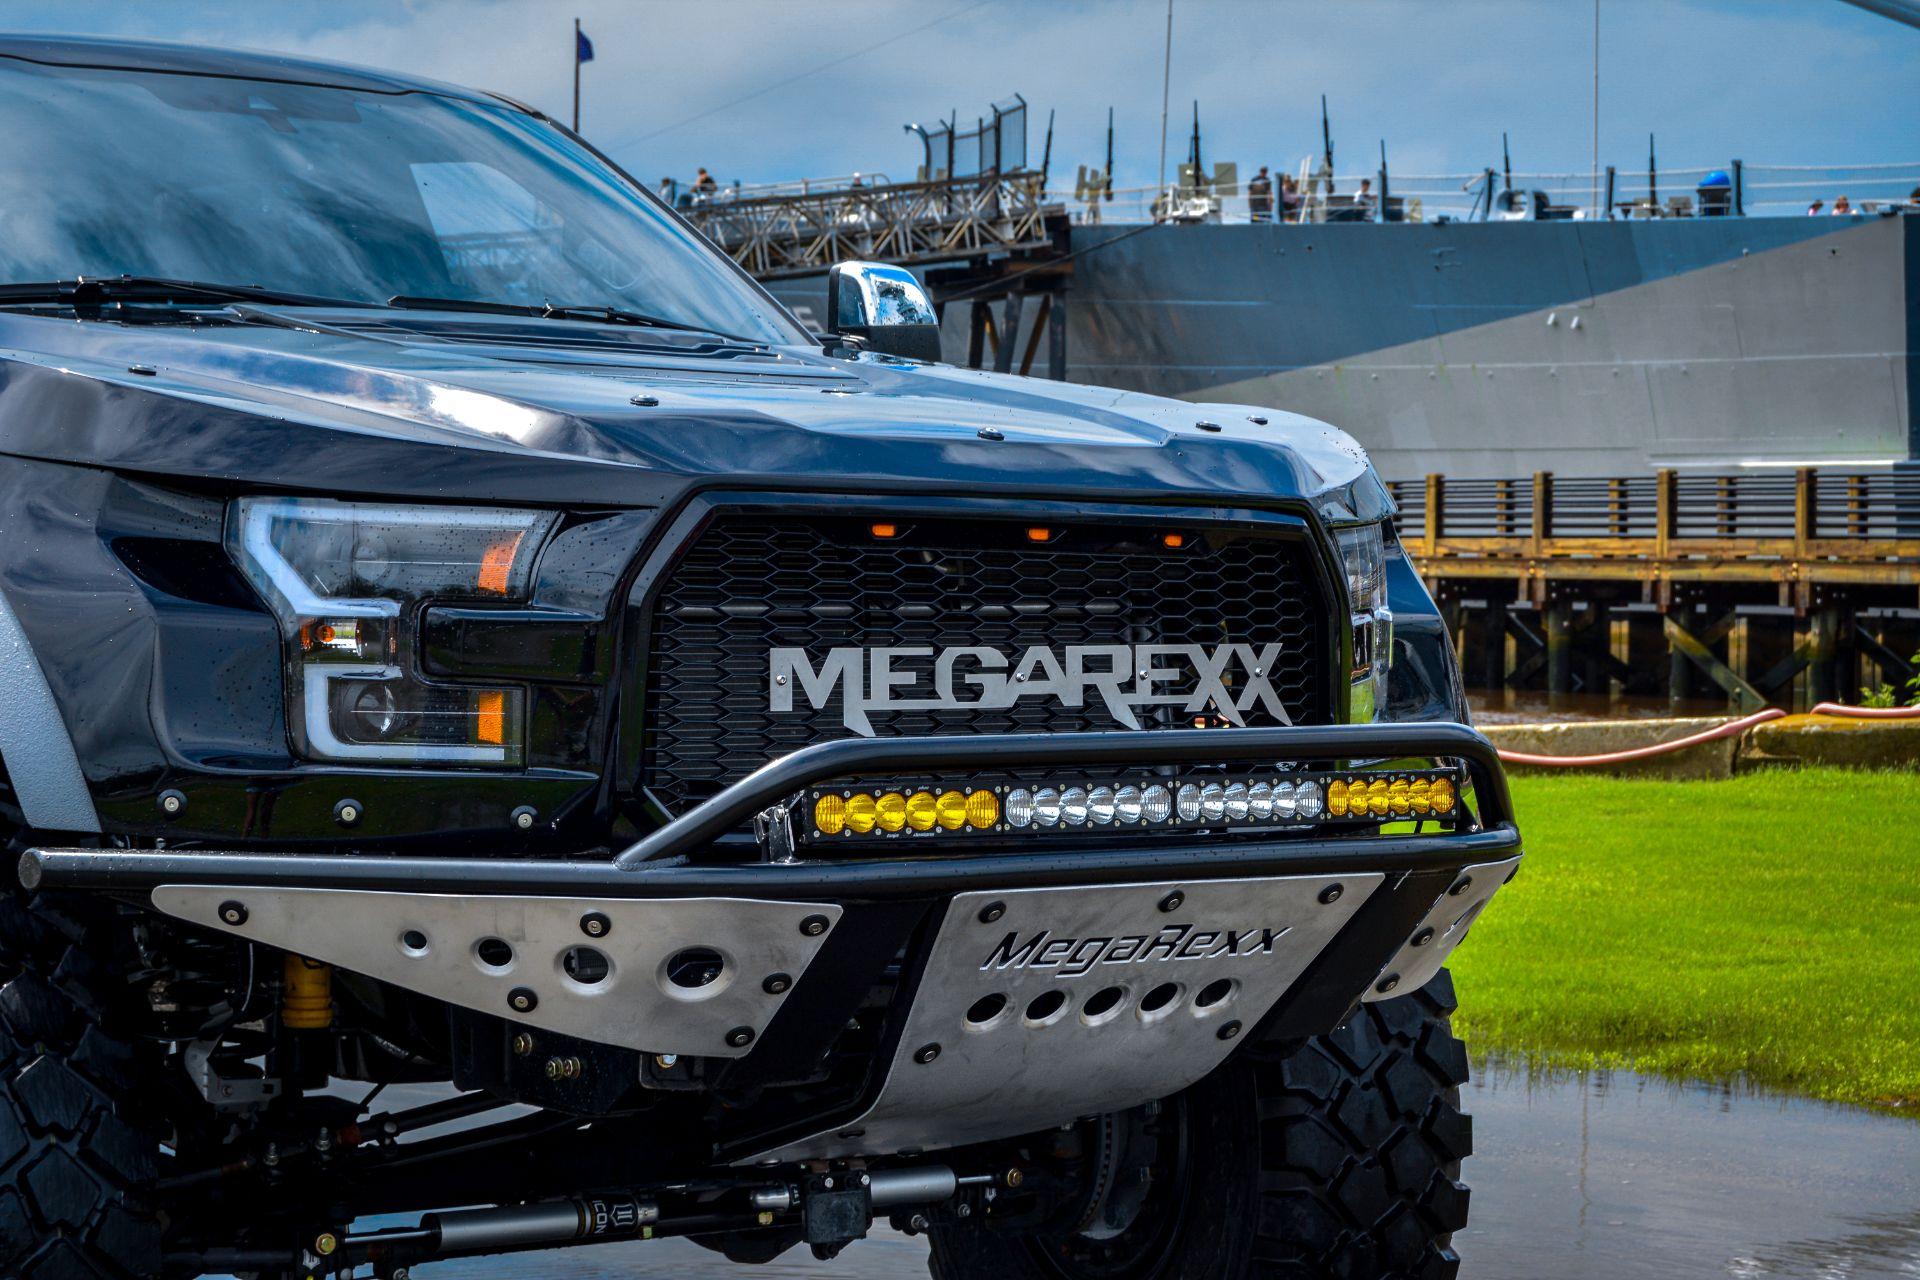 MegaRaptor-by-Megarexx-Trucks-10